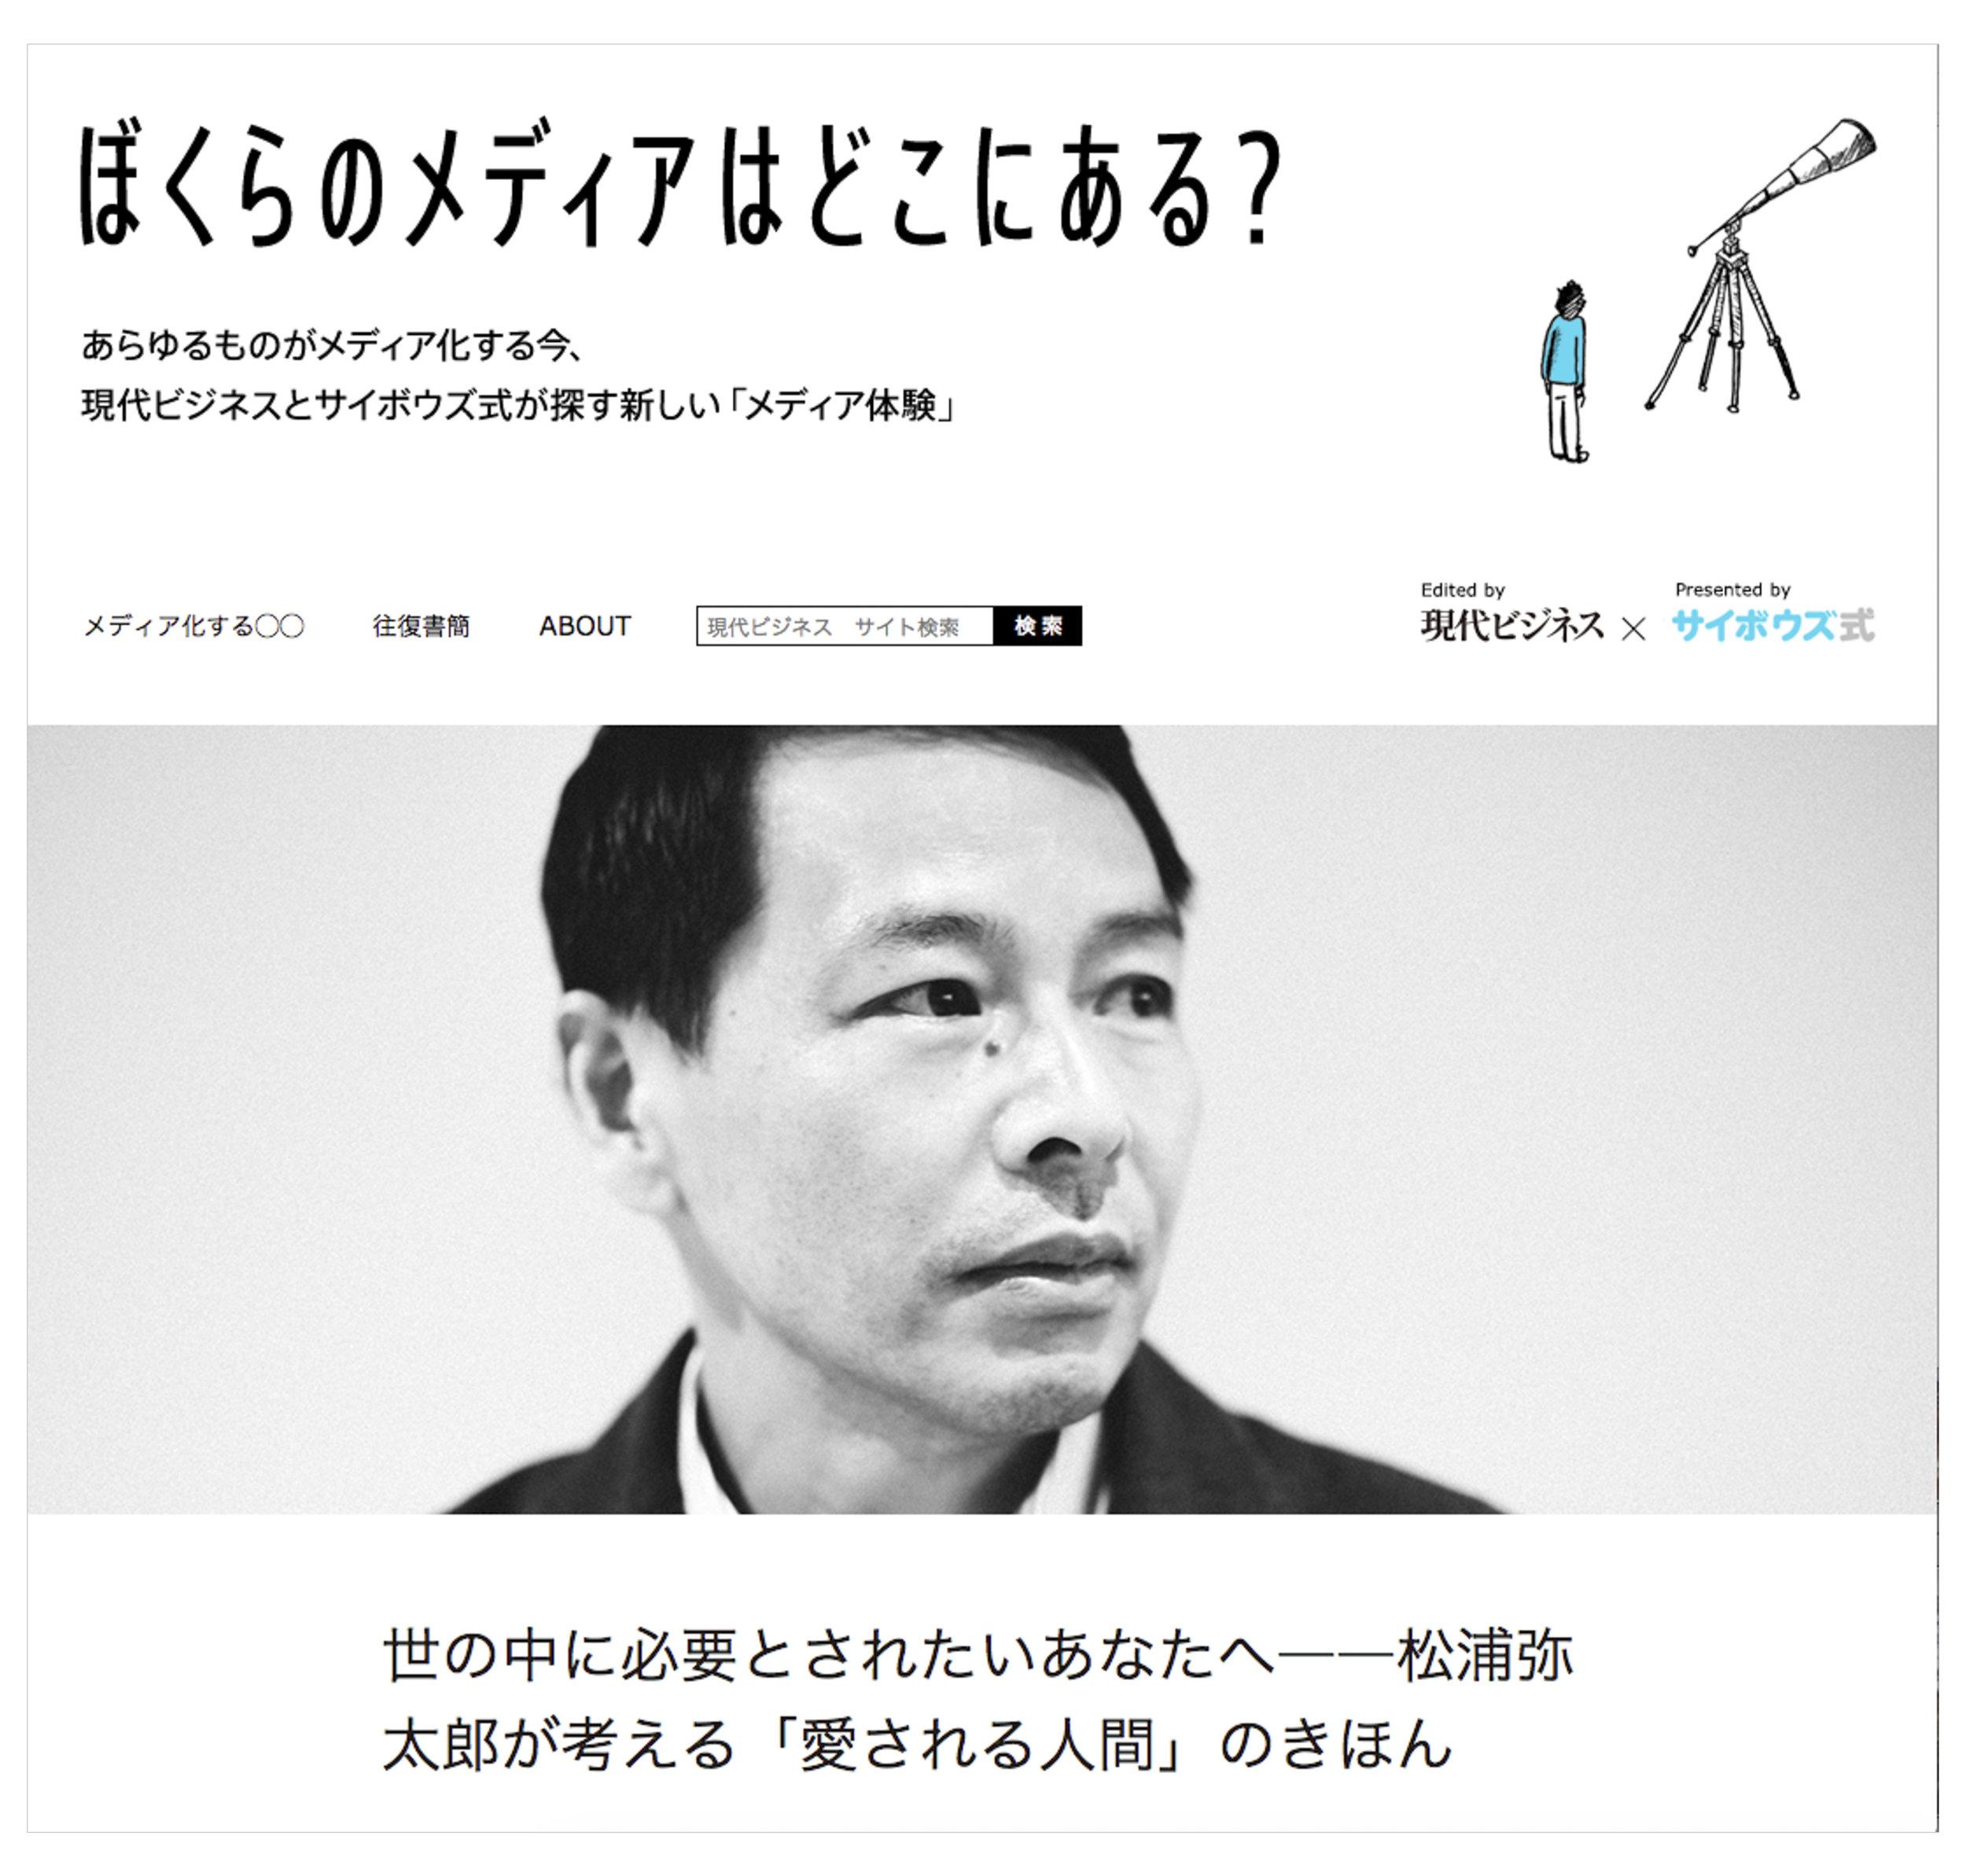 現代ビジネス「ぼくらのメディアはどこにある?」松浦弥太郎氏   http://gendai.ismedia.jp/articles/-/45962